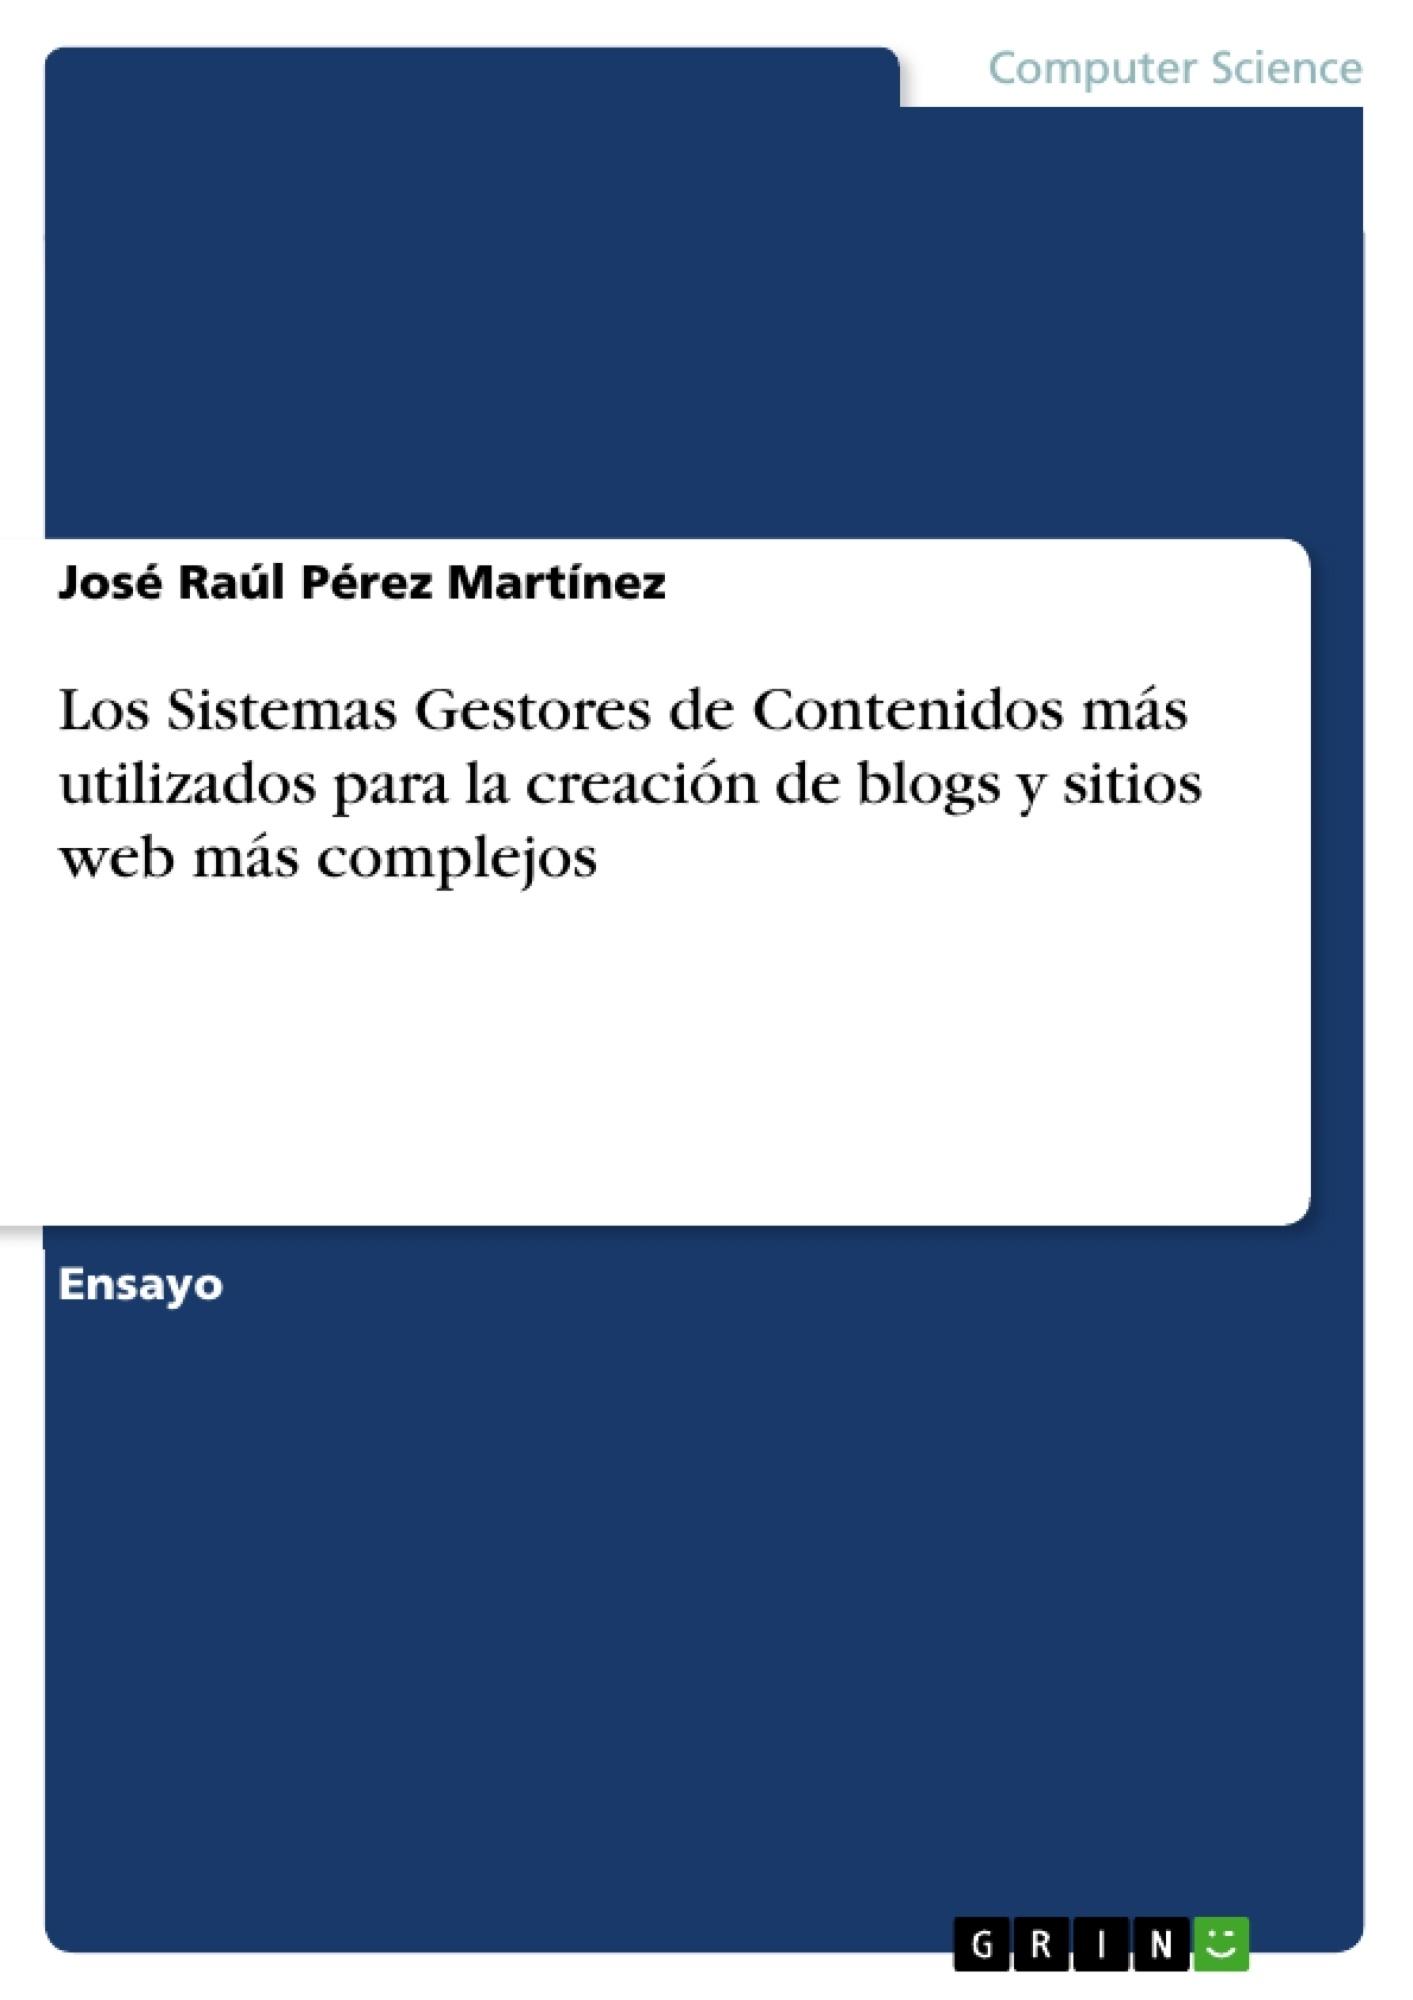 Título: Los Sistemas Gestores de Contenidos más utilizados para la creación de blogs y sitios web más complejos